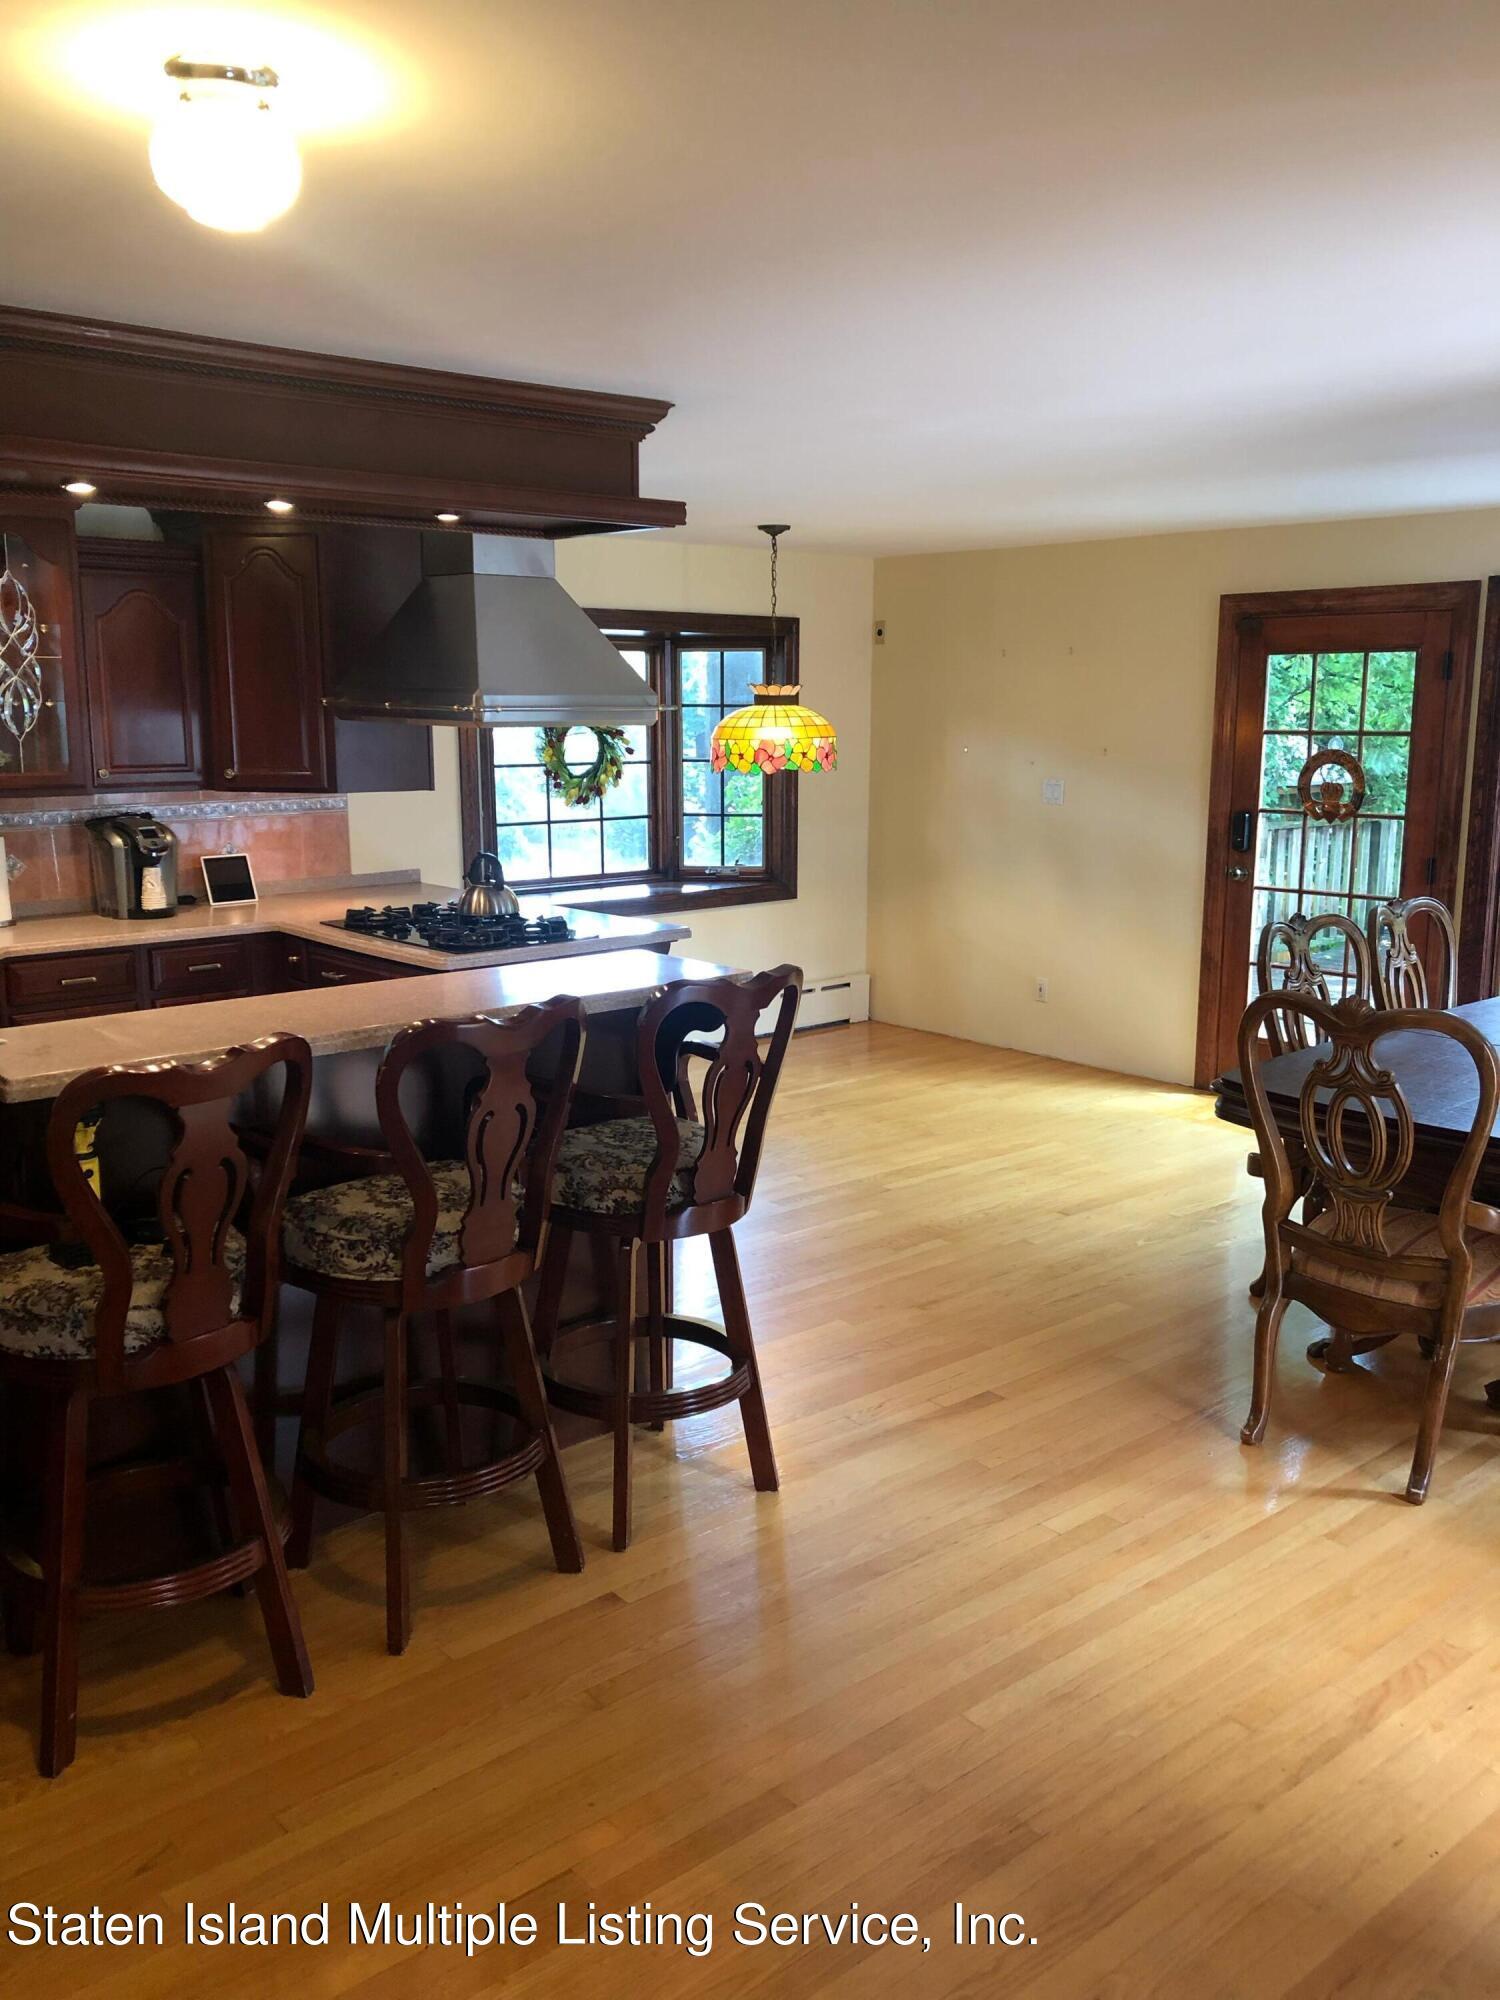 Single Family - Detached 88 Howton Avenue  Staten Island, NY 10308, MLS-1147500-7